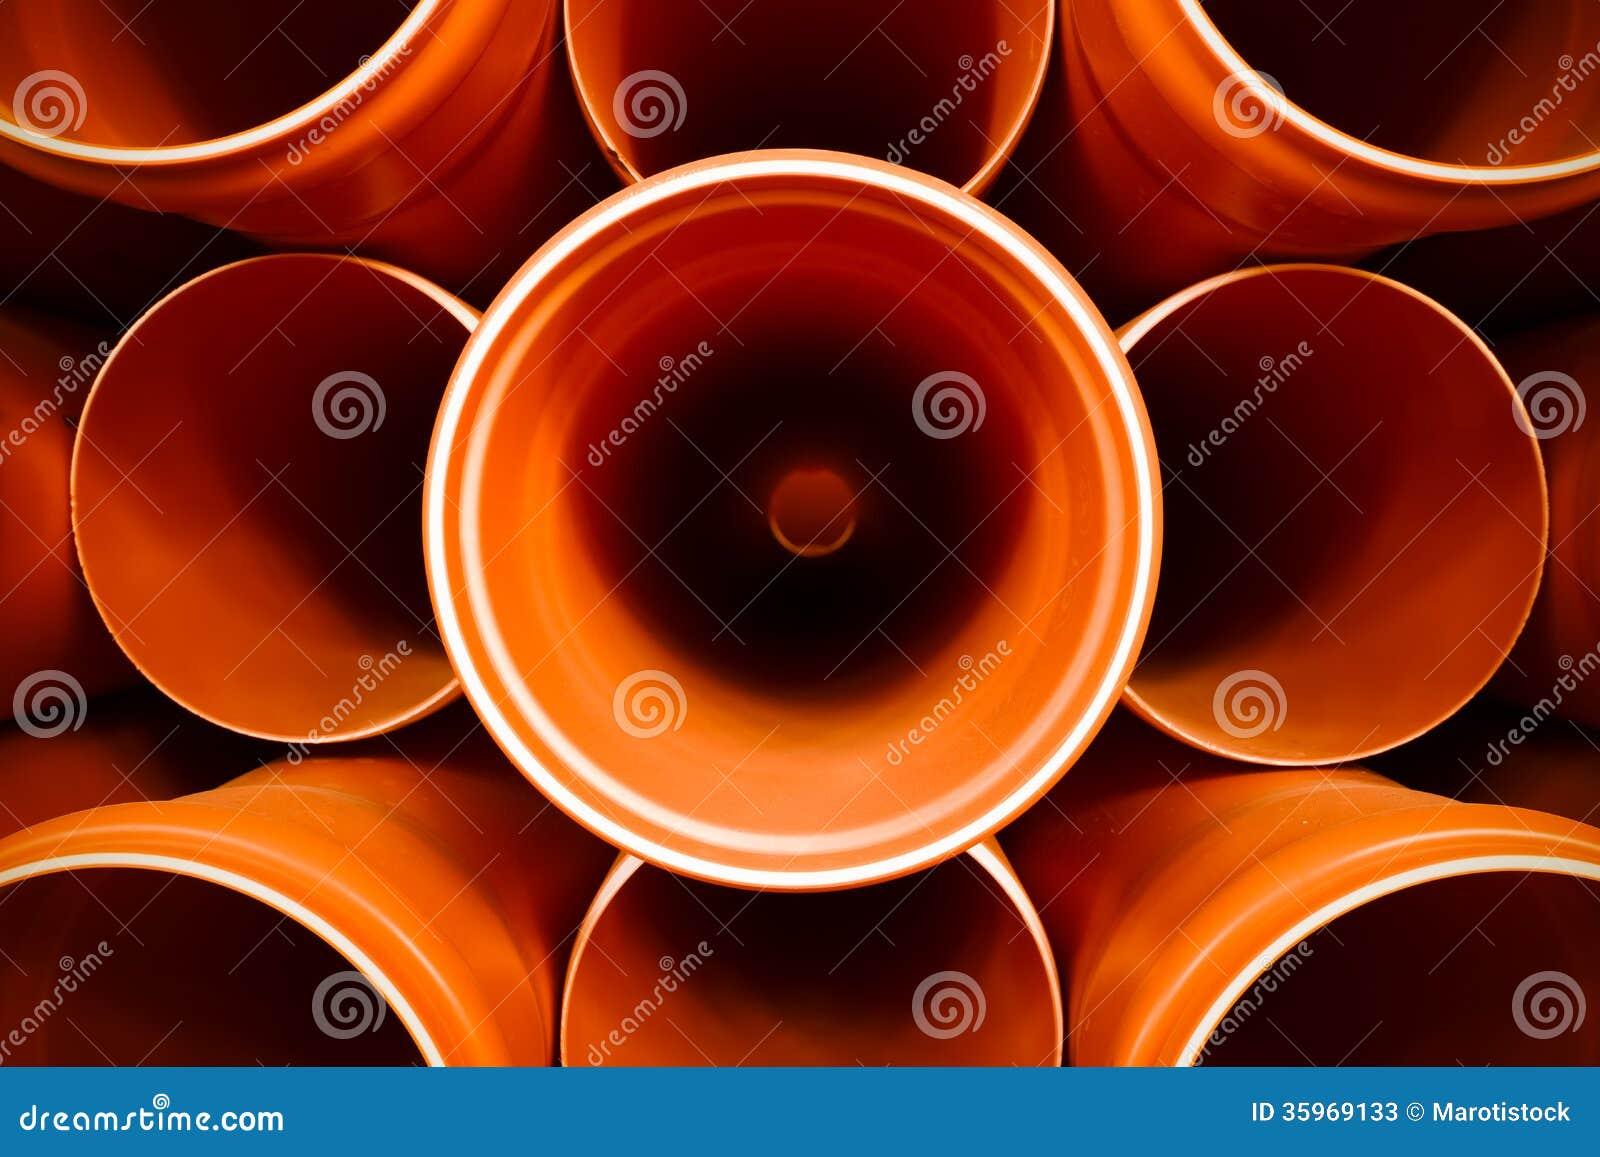 pvc rohre plastik stockbild bild von leiten hilfsprogramm 35969133. Black Bedroom Furniture Sets. Home Design Ideas